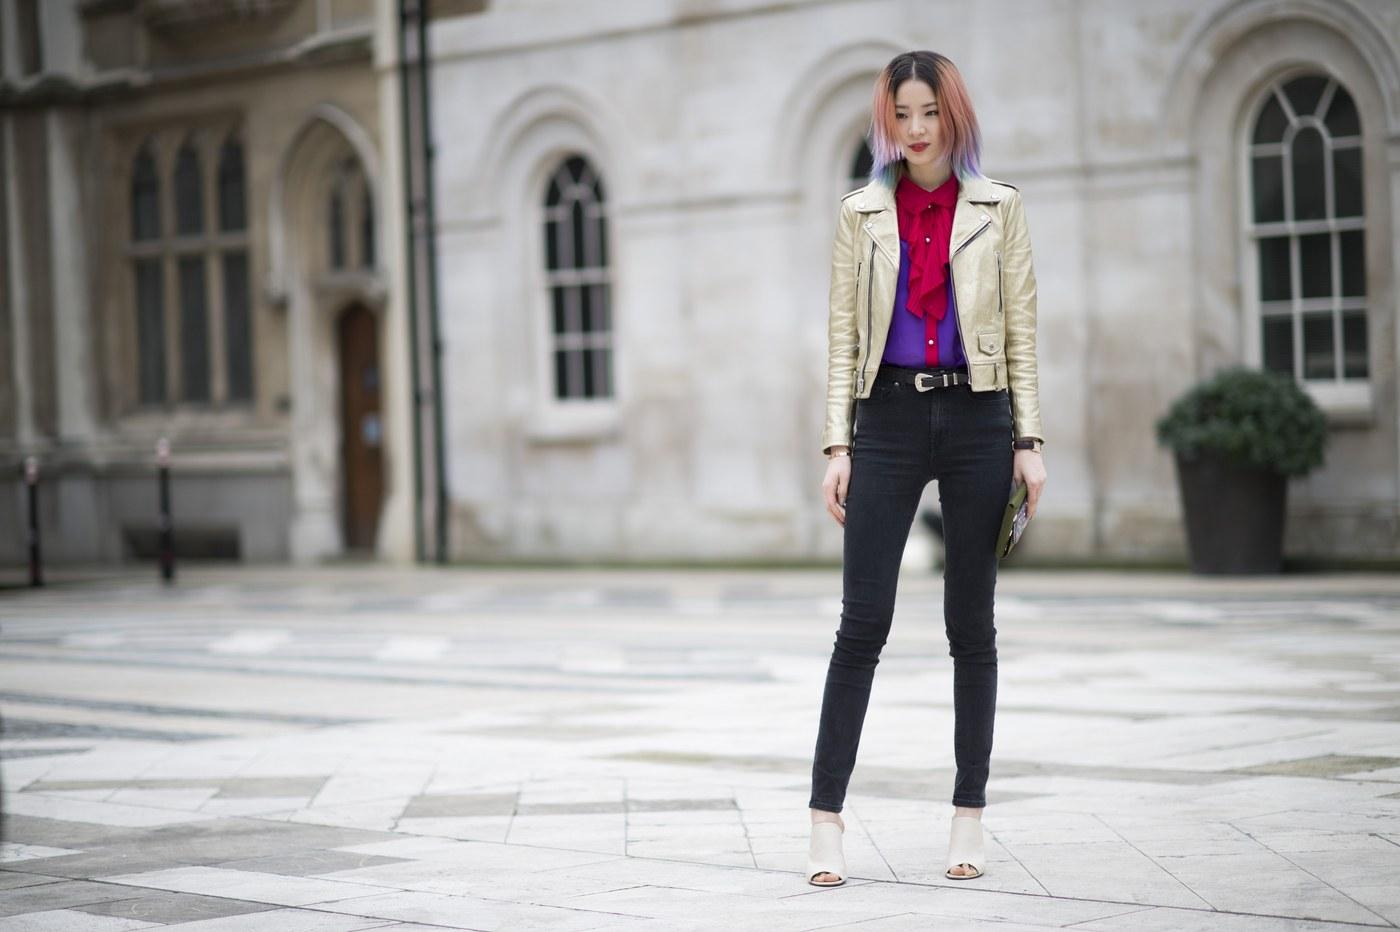 ヤンキーファッションブランドまとめ!女性や芸能人にも人気!【画像付き】のサムネイル画像